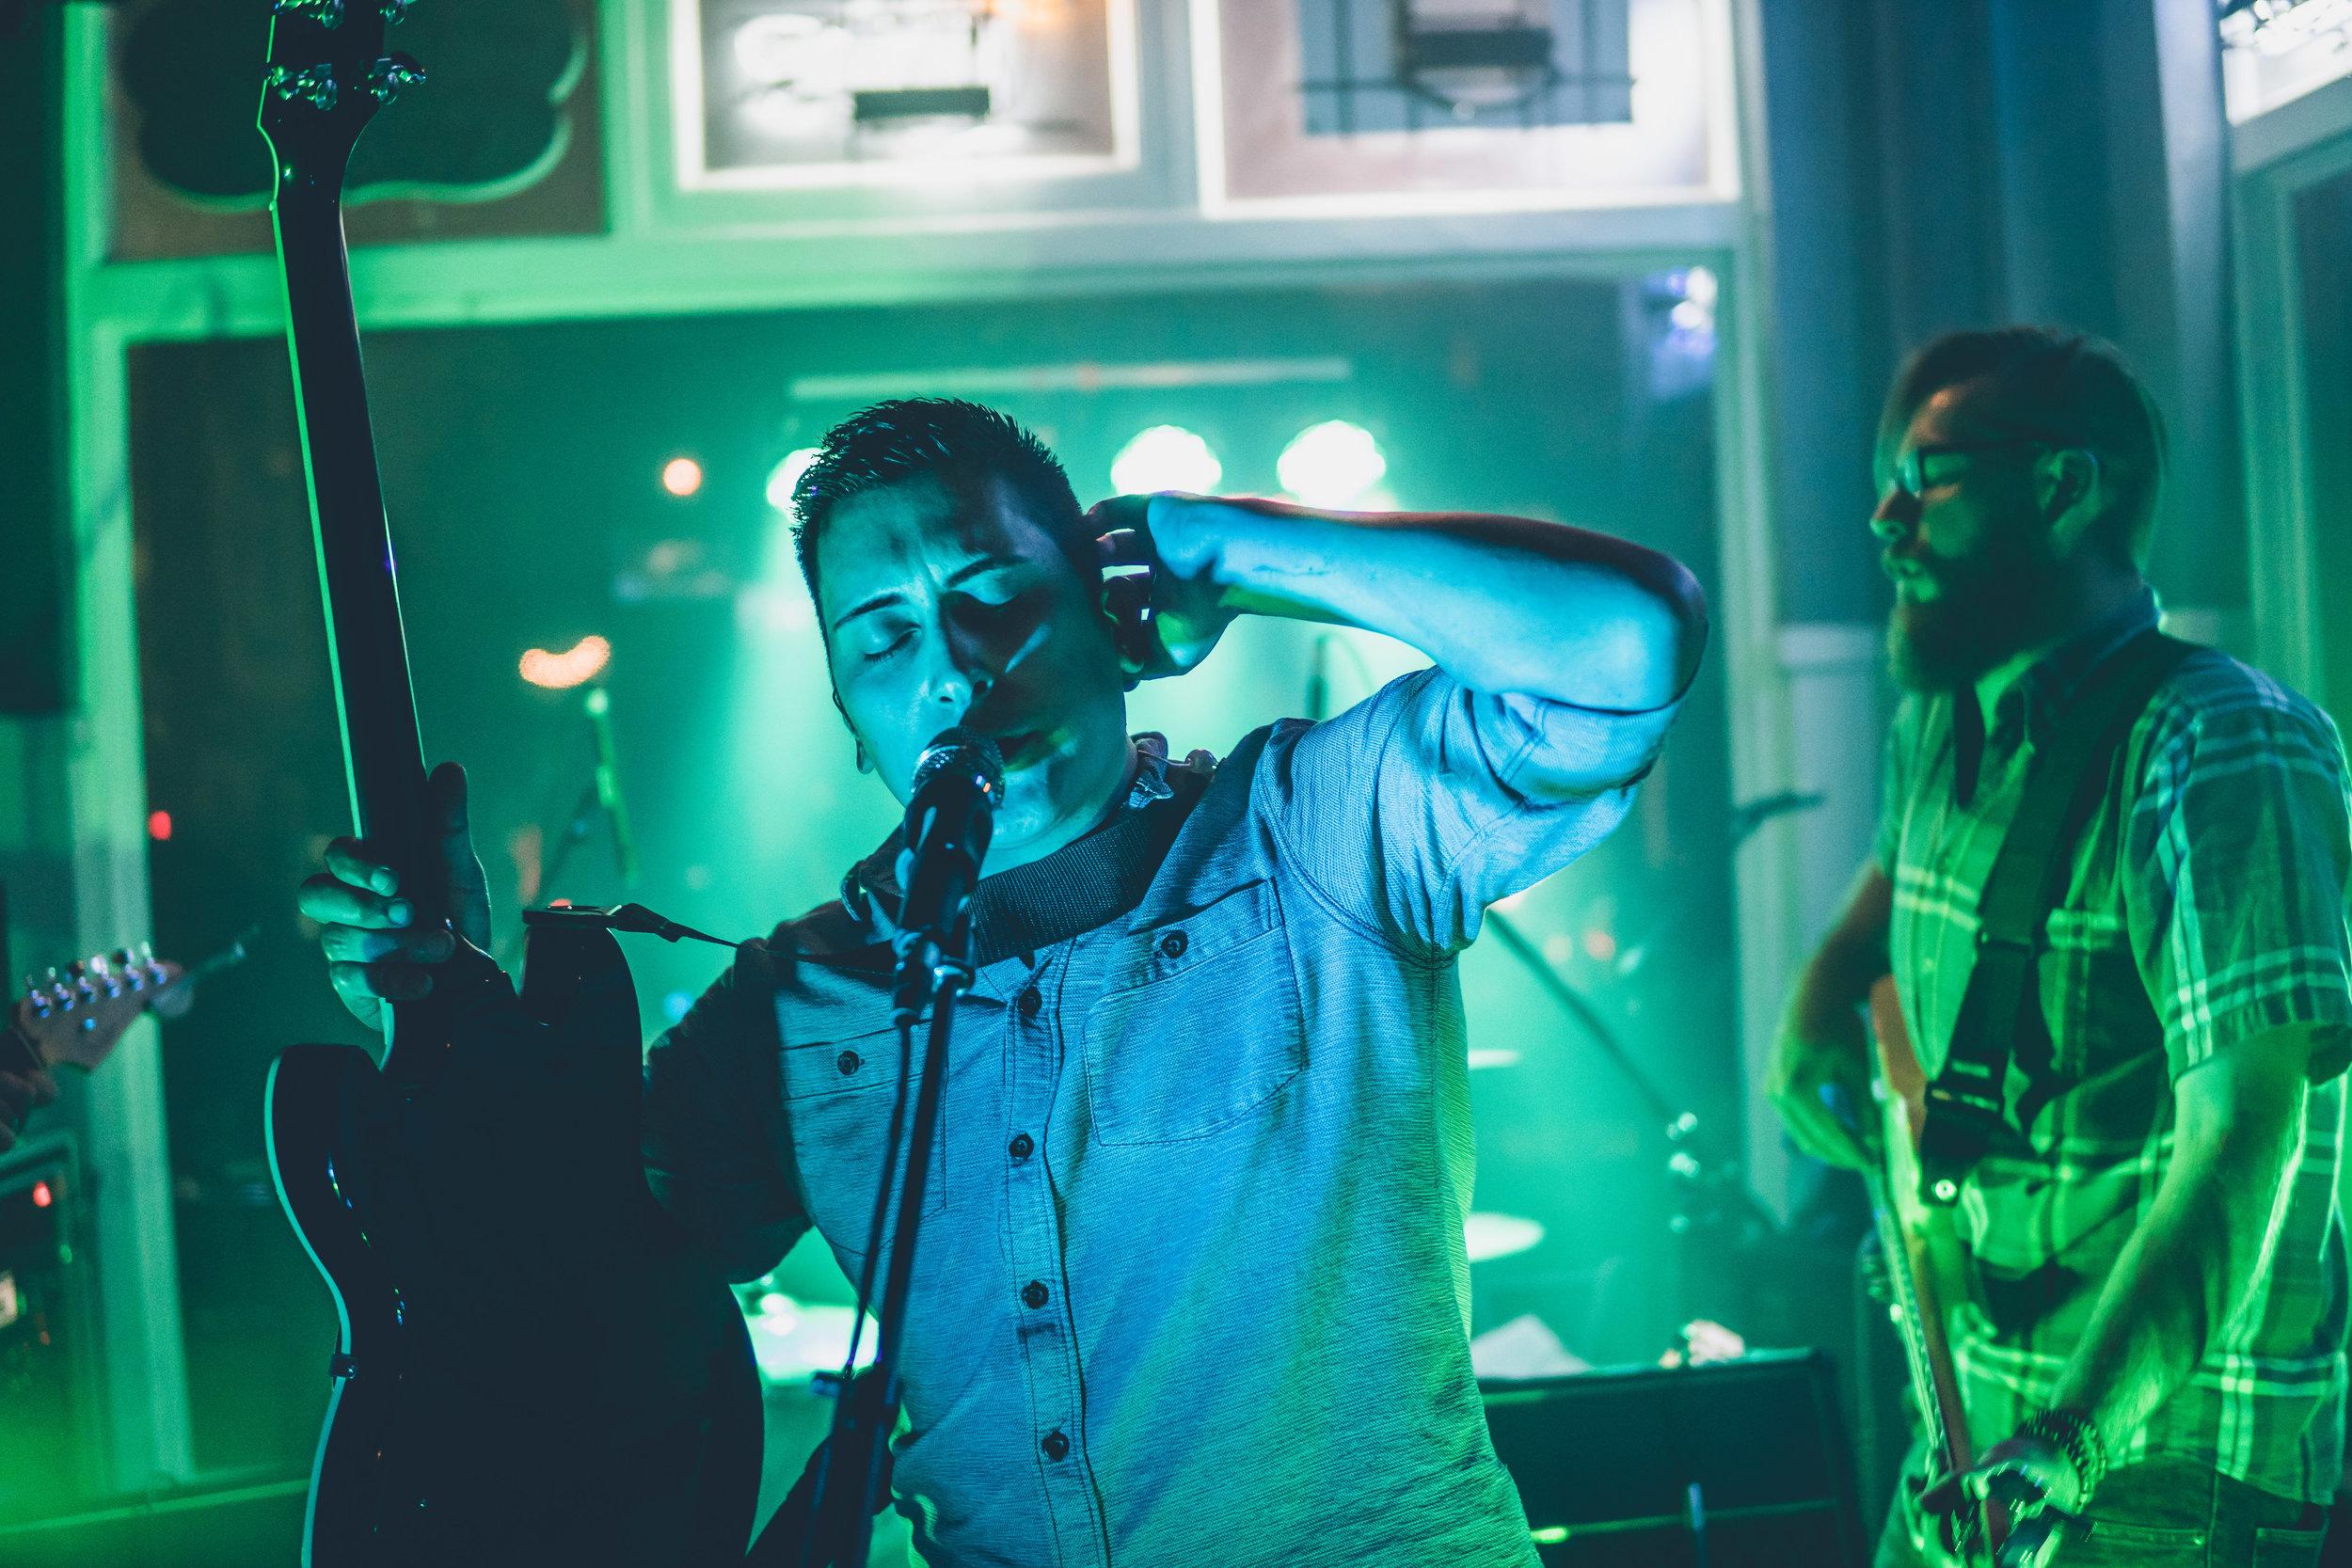 FM Pilots - Tulsa Rock Band - at Inner Circle Vodka Bar 090916-4.jpg